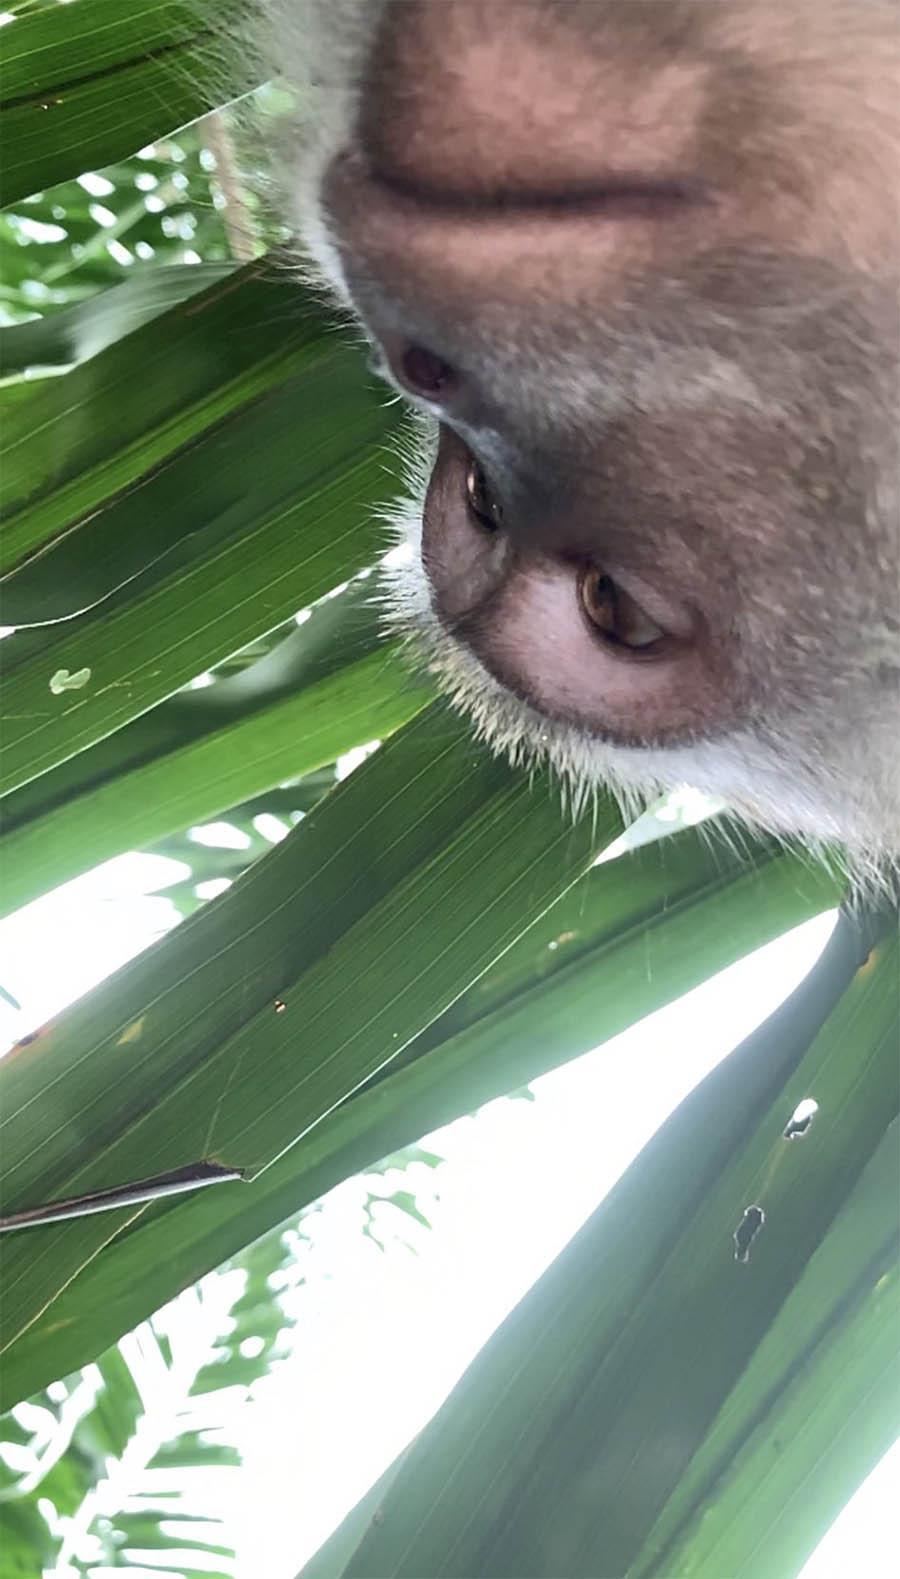 Mono roba teléfono celular